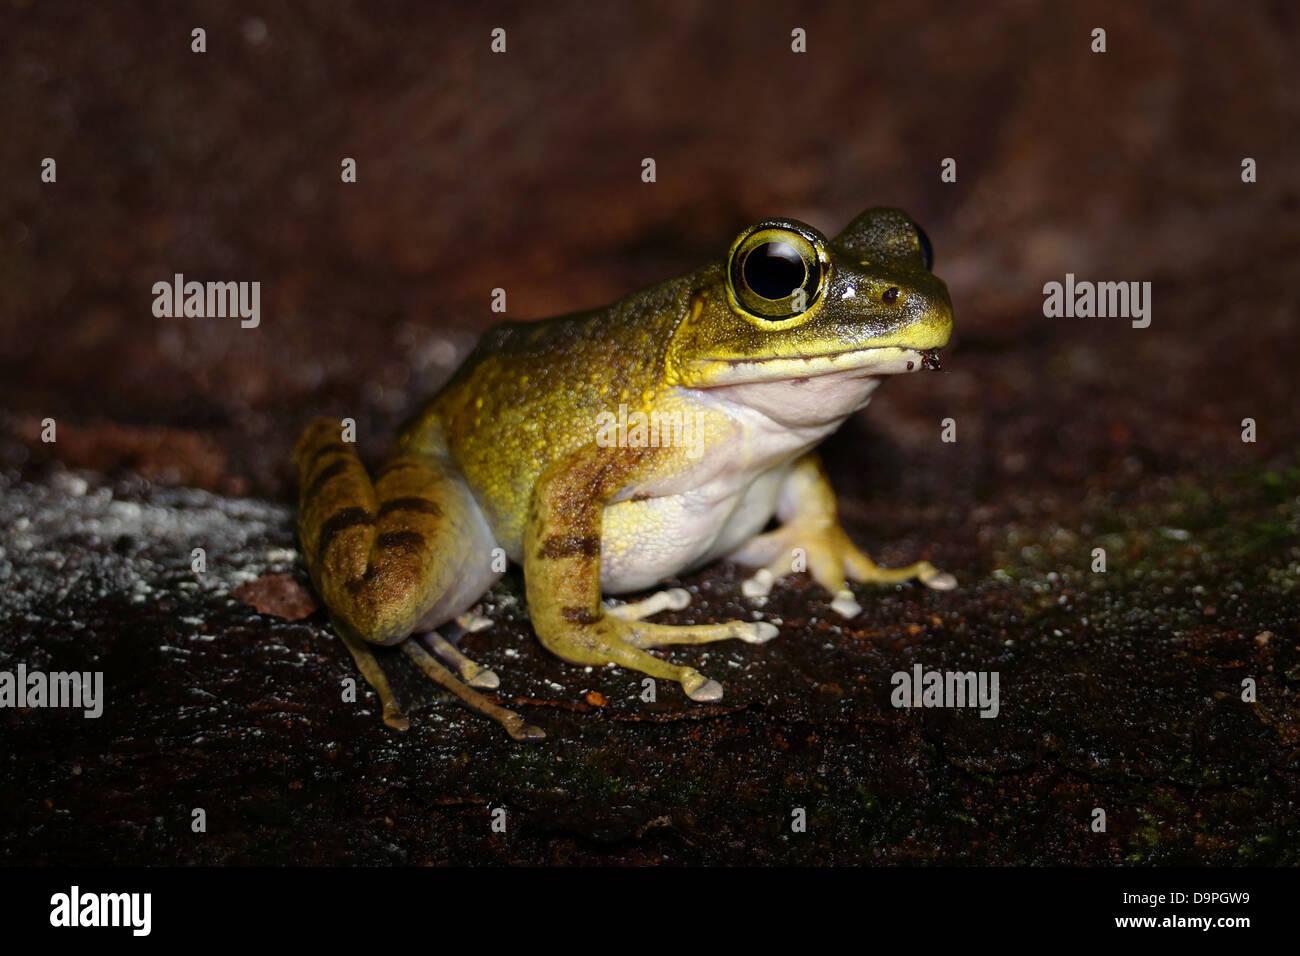 Meristogenys Kinabaluensis Montane Torrent Frosch im Kinabalu Park. Nur in den Bergen von Kalimantan, Borneo, Sabah Stockbild